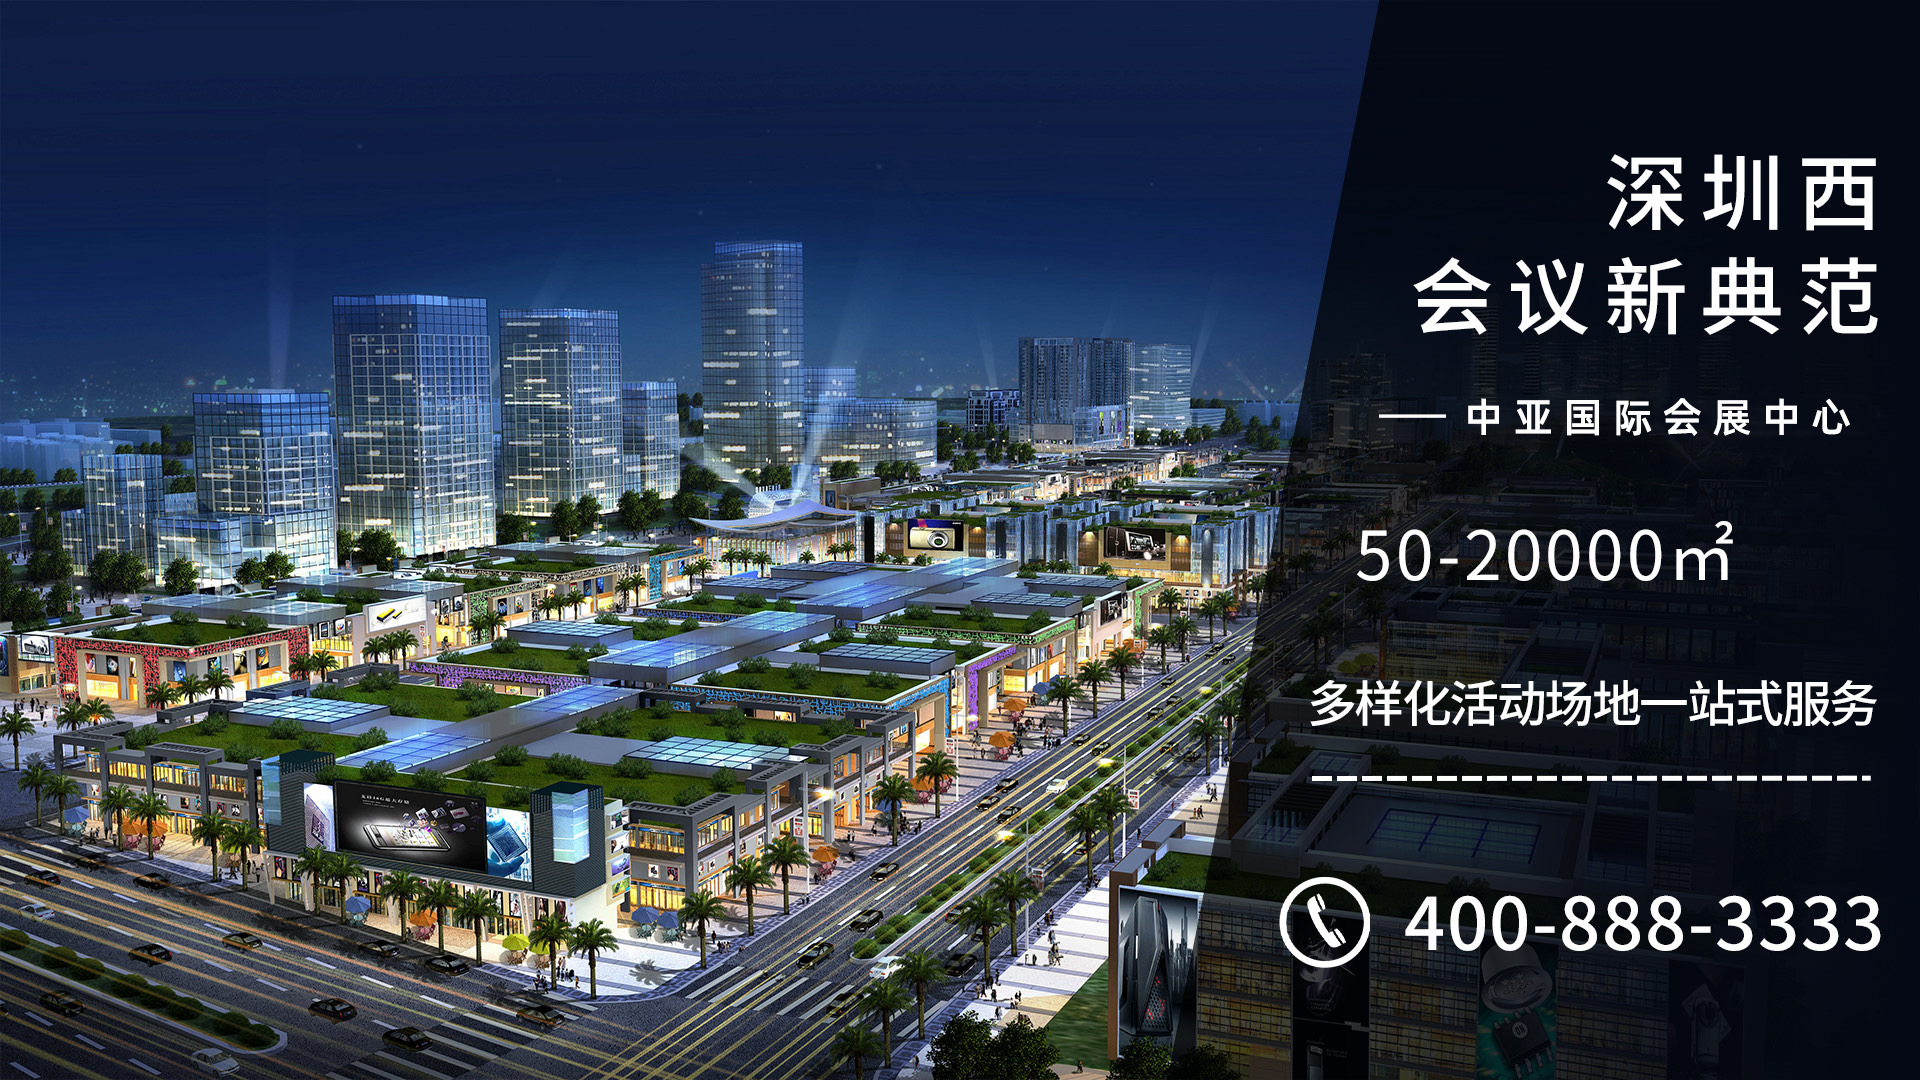 深圳国际会展中心